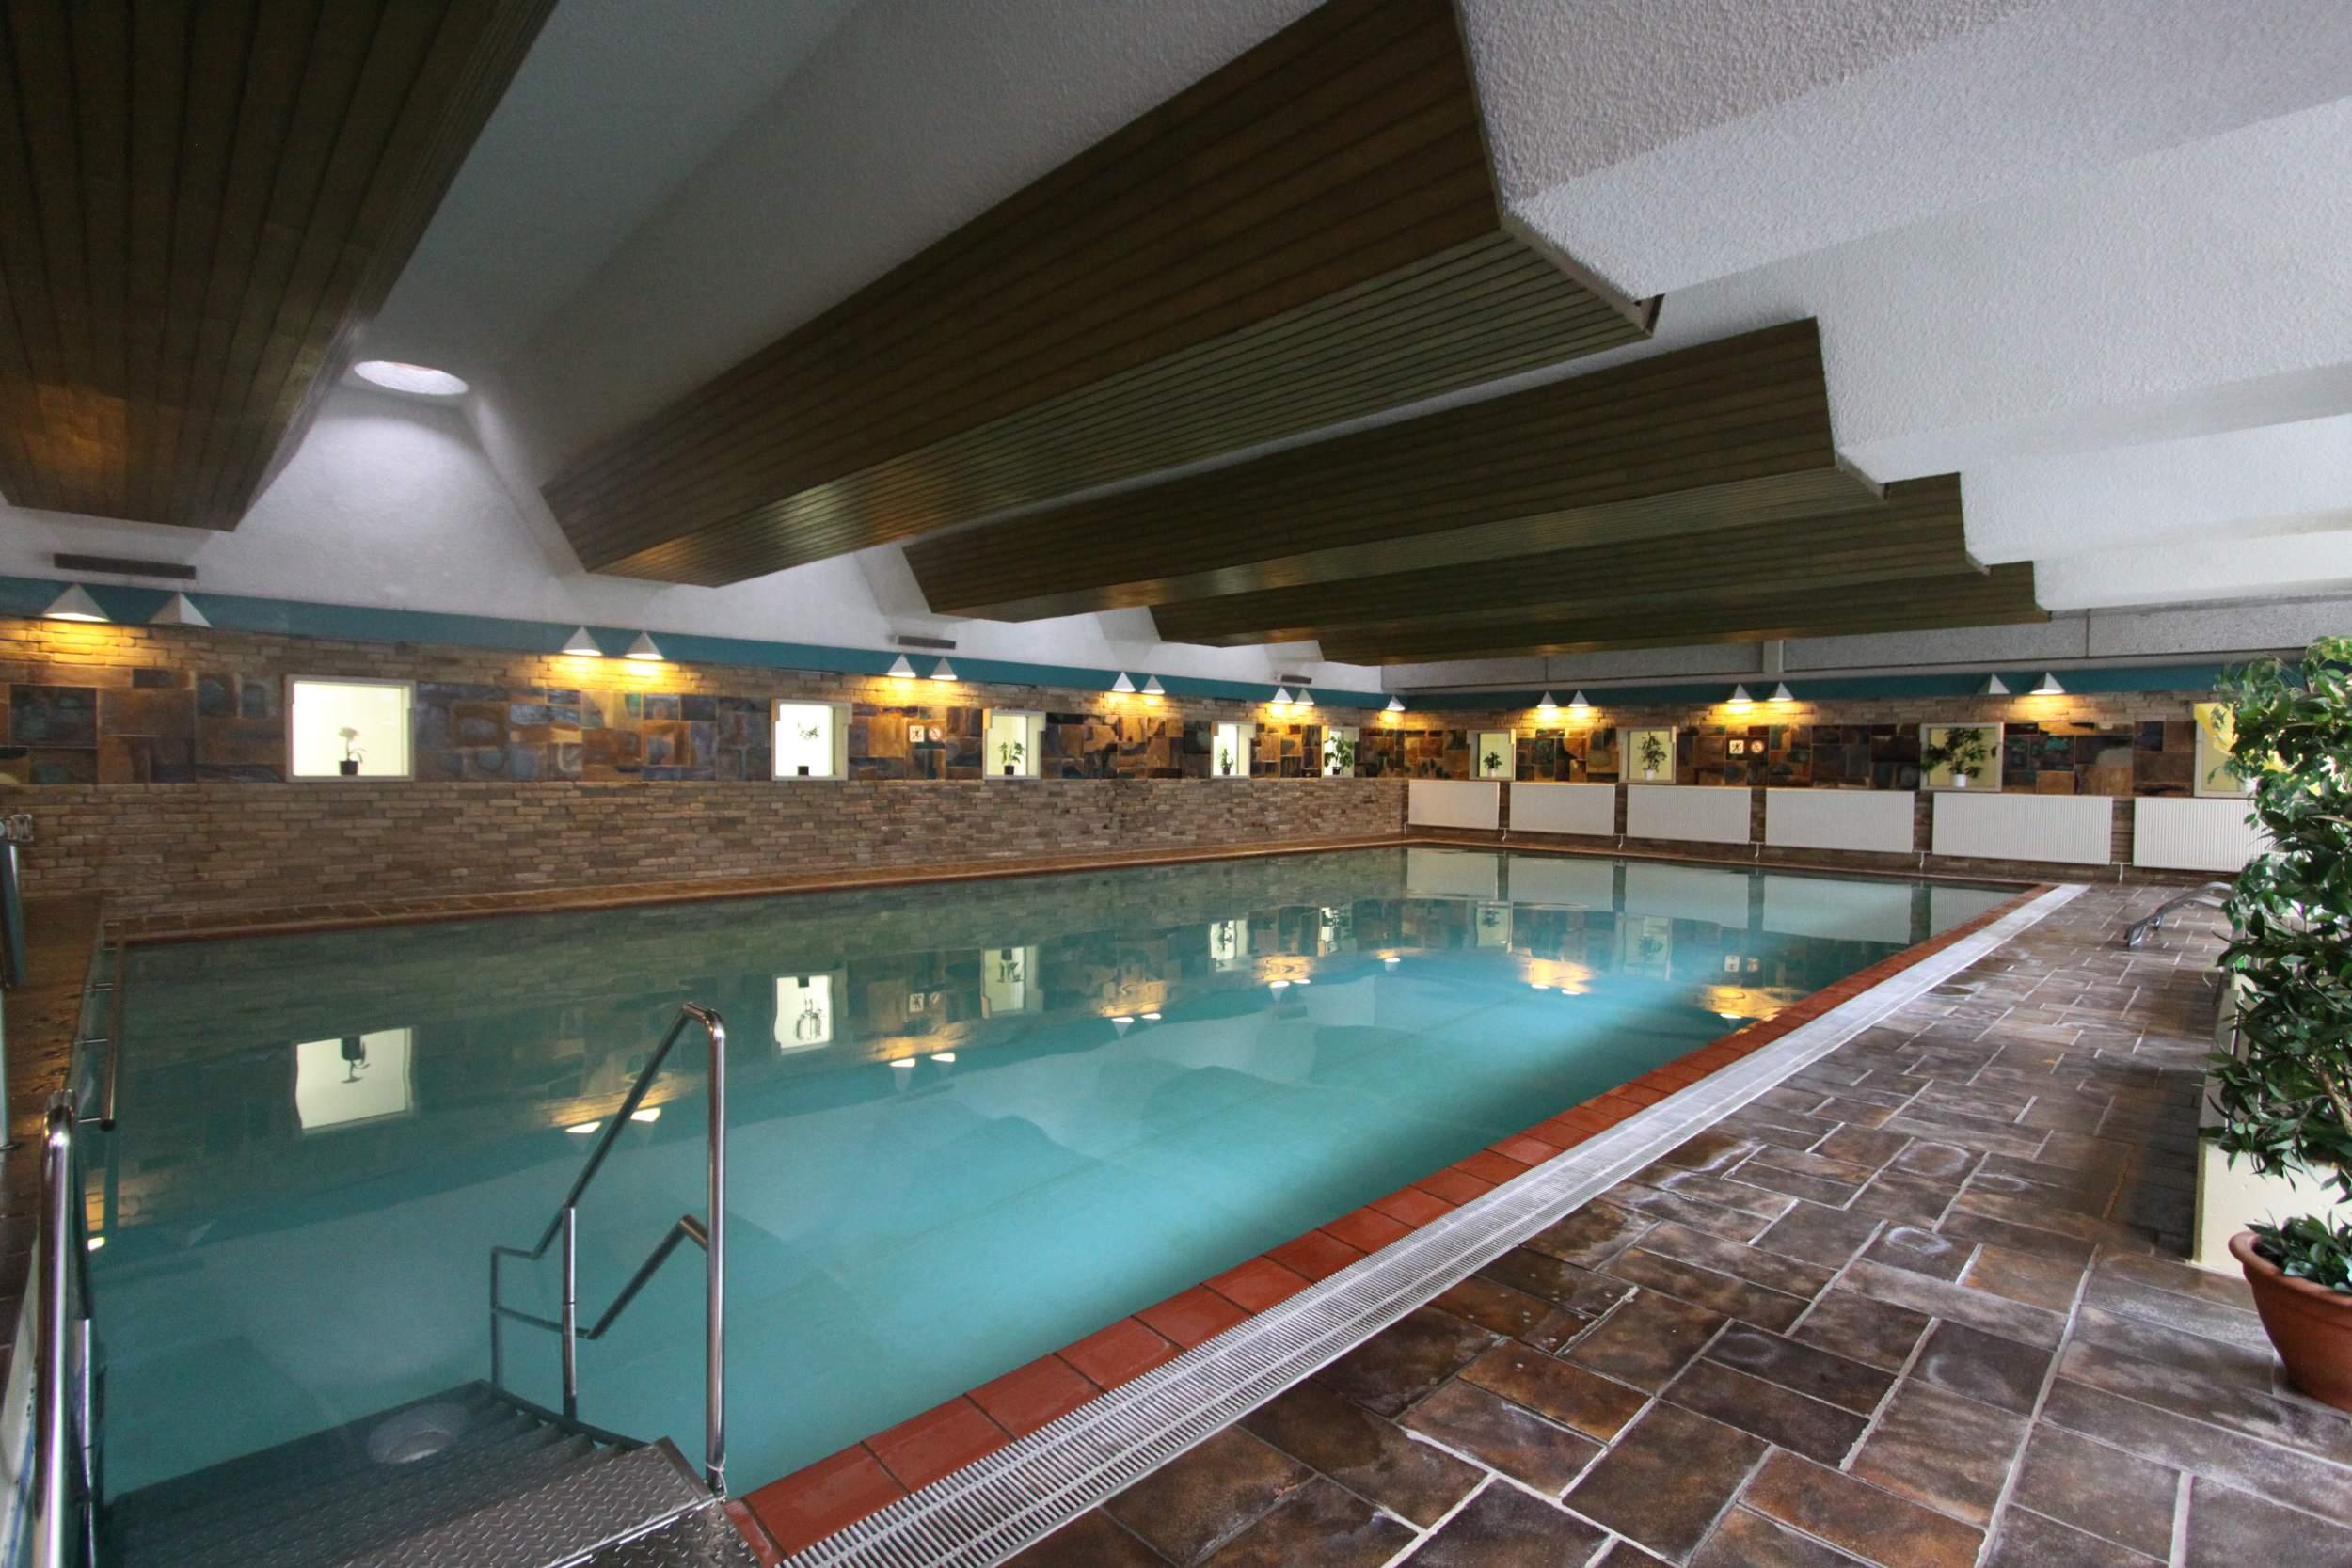 Ferienwohnung Riefenbach in Bad Harzburg - Schwimmbad